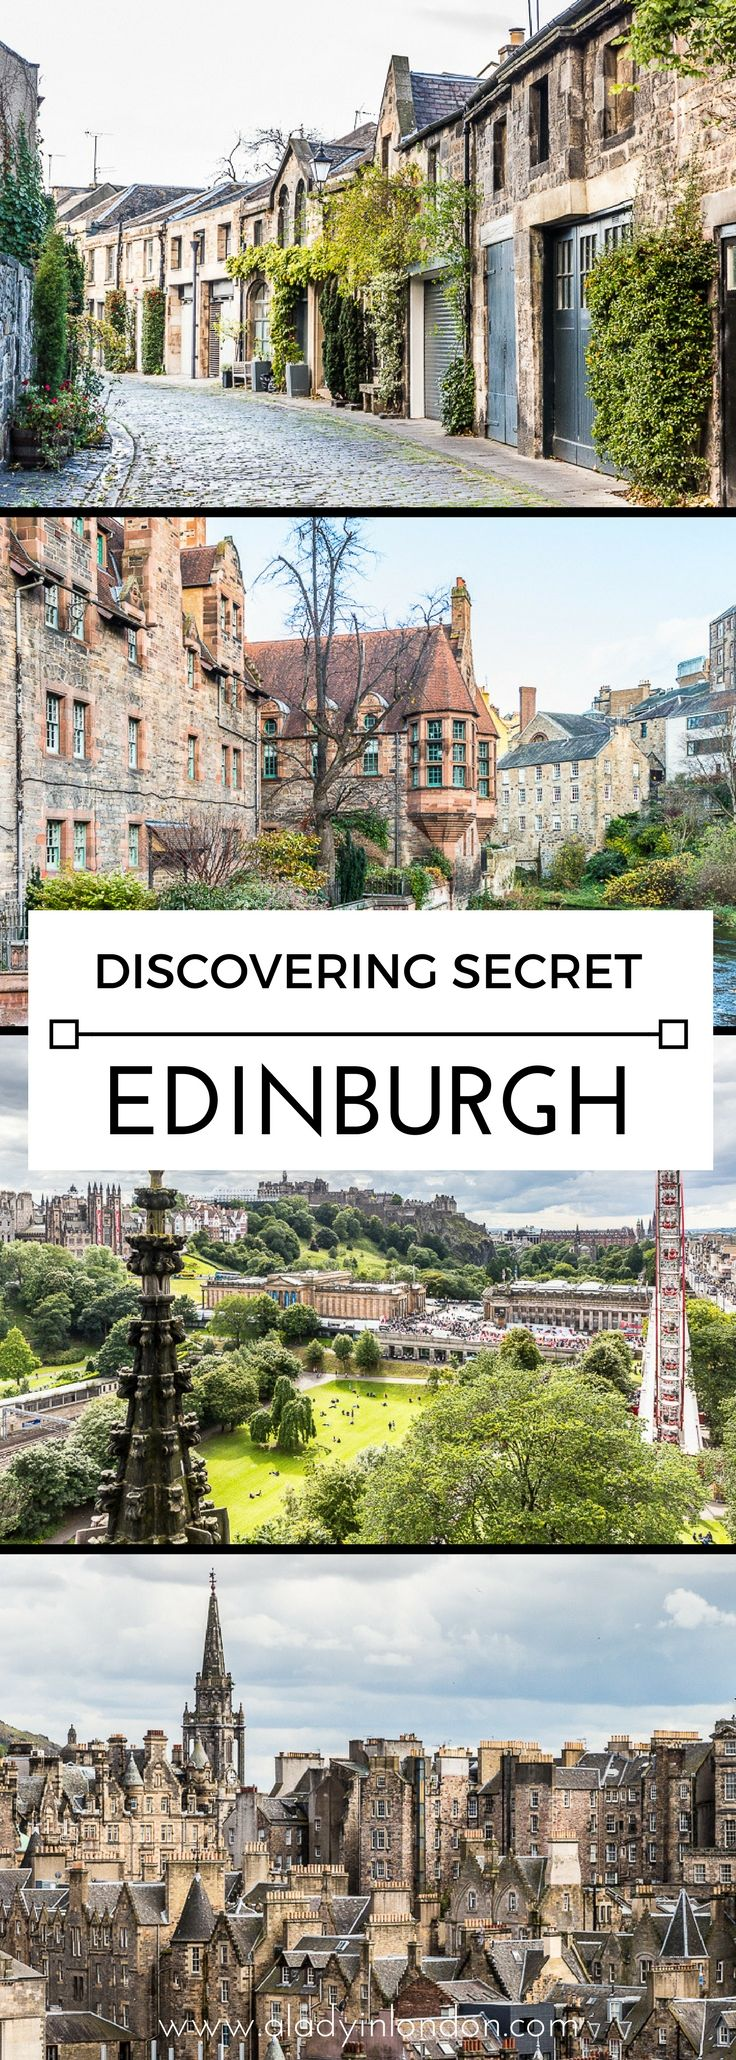 Secret Edinburgh – Discover 5 of the City's Under-the-Radar Gems